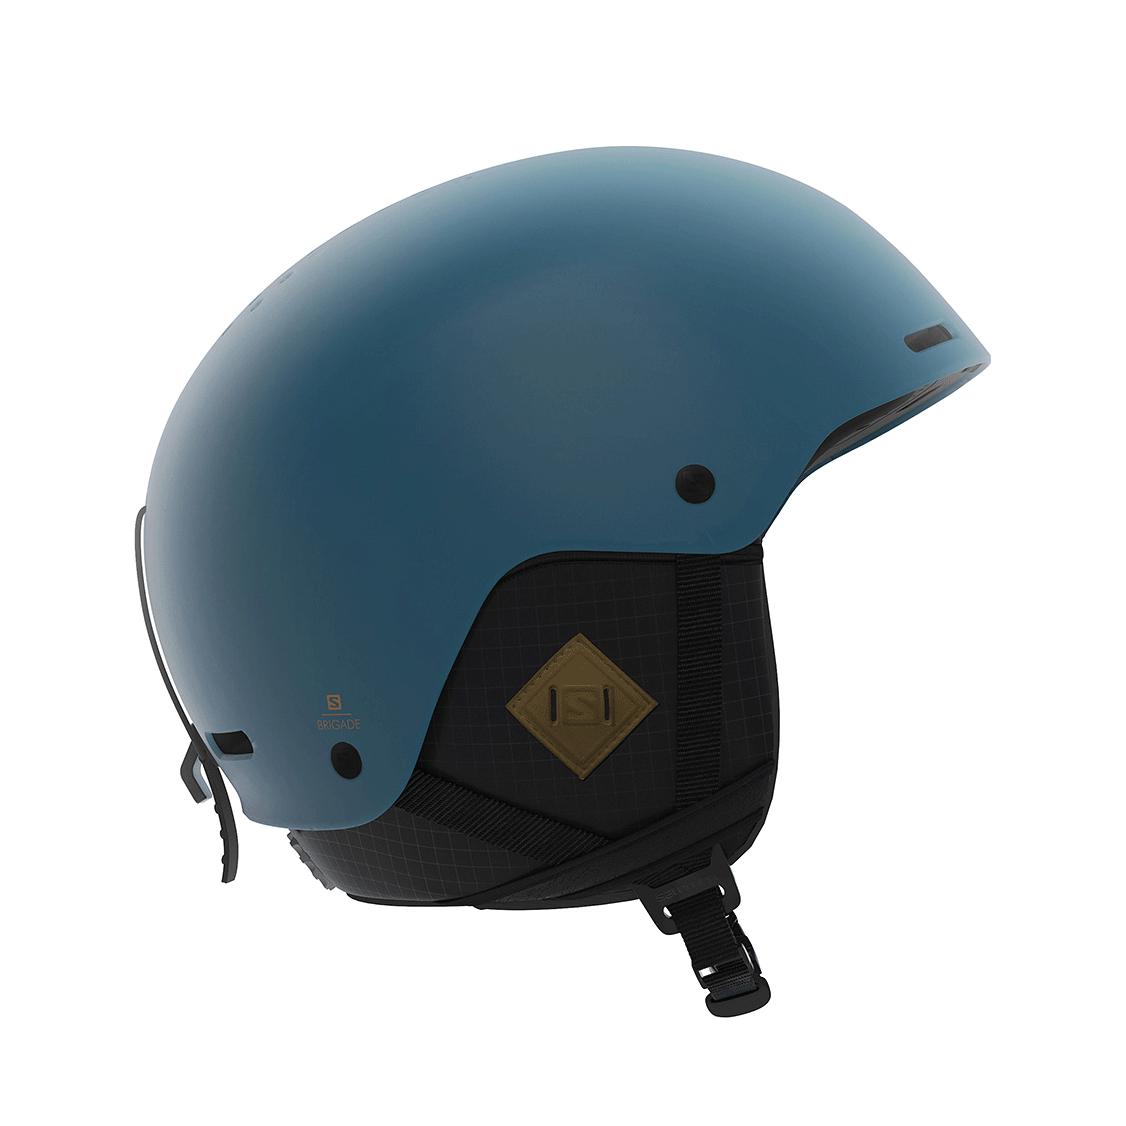 3c039f782e86 Salomon BRIGADE+ Men's Blue Adjustable Freeride Ski Snowboard Helmet ...